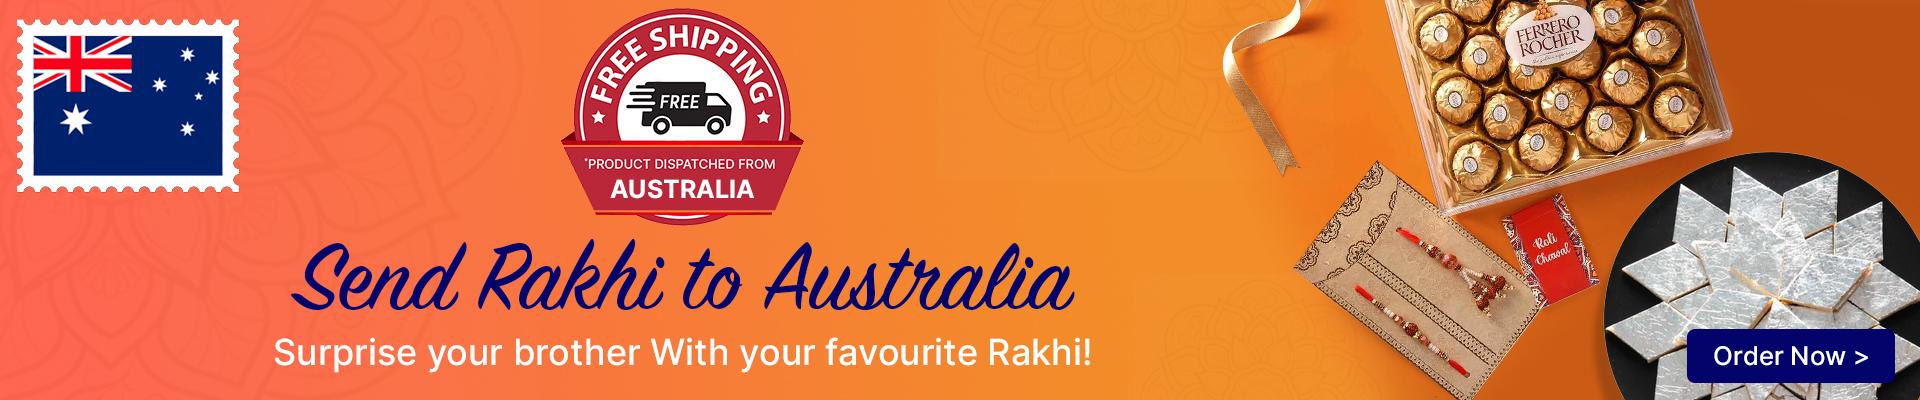 rakhi-to-australia.jpg